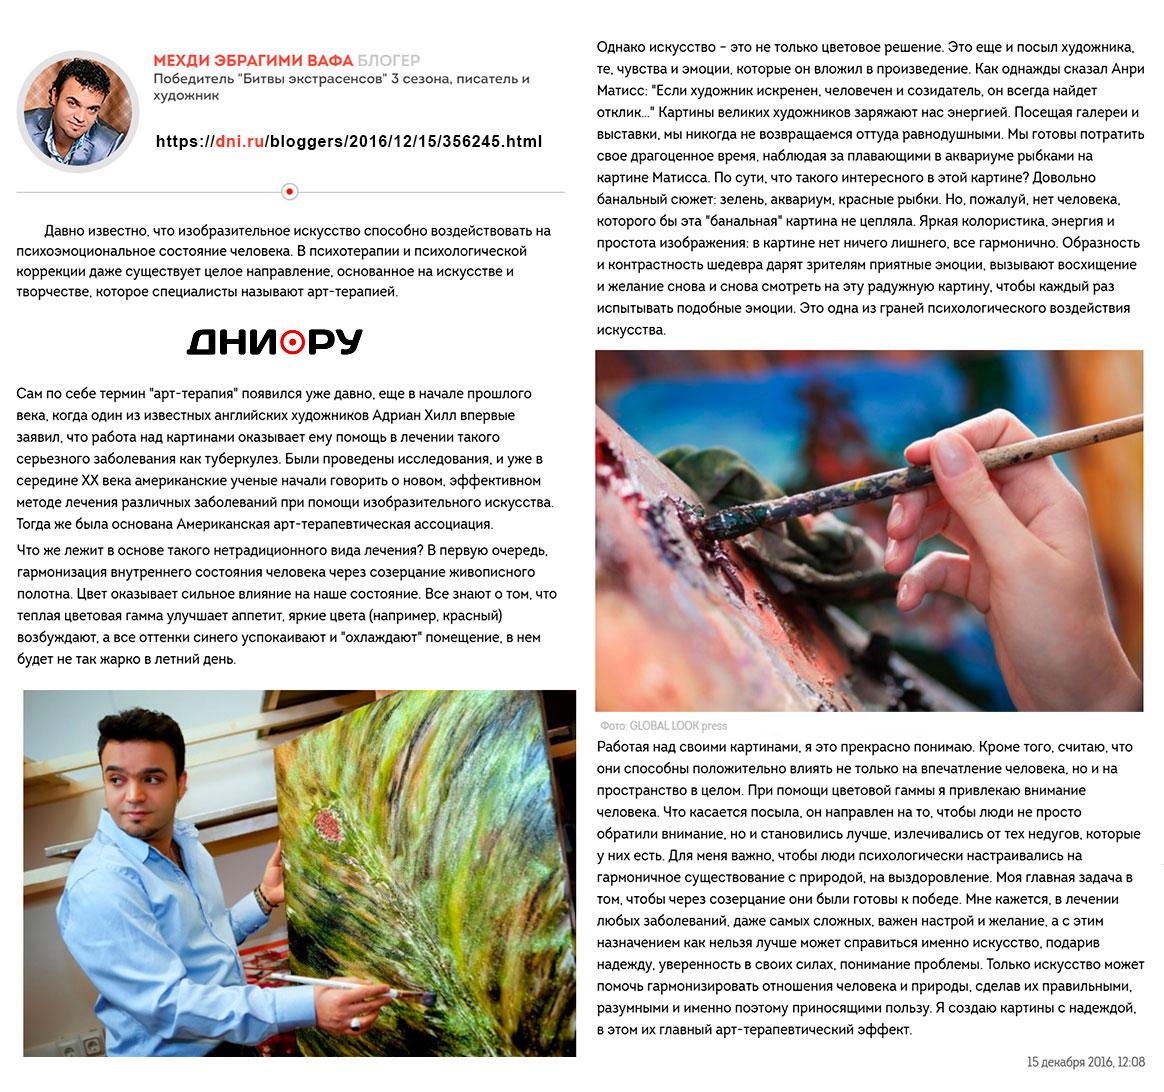 art-terapiya-blog-mahdi-na-dni-ru